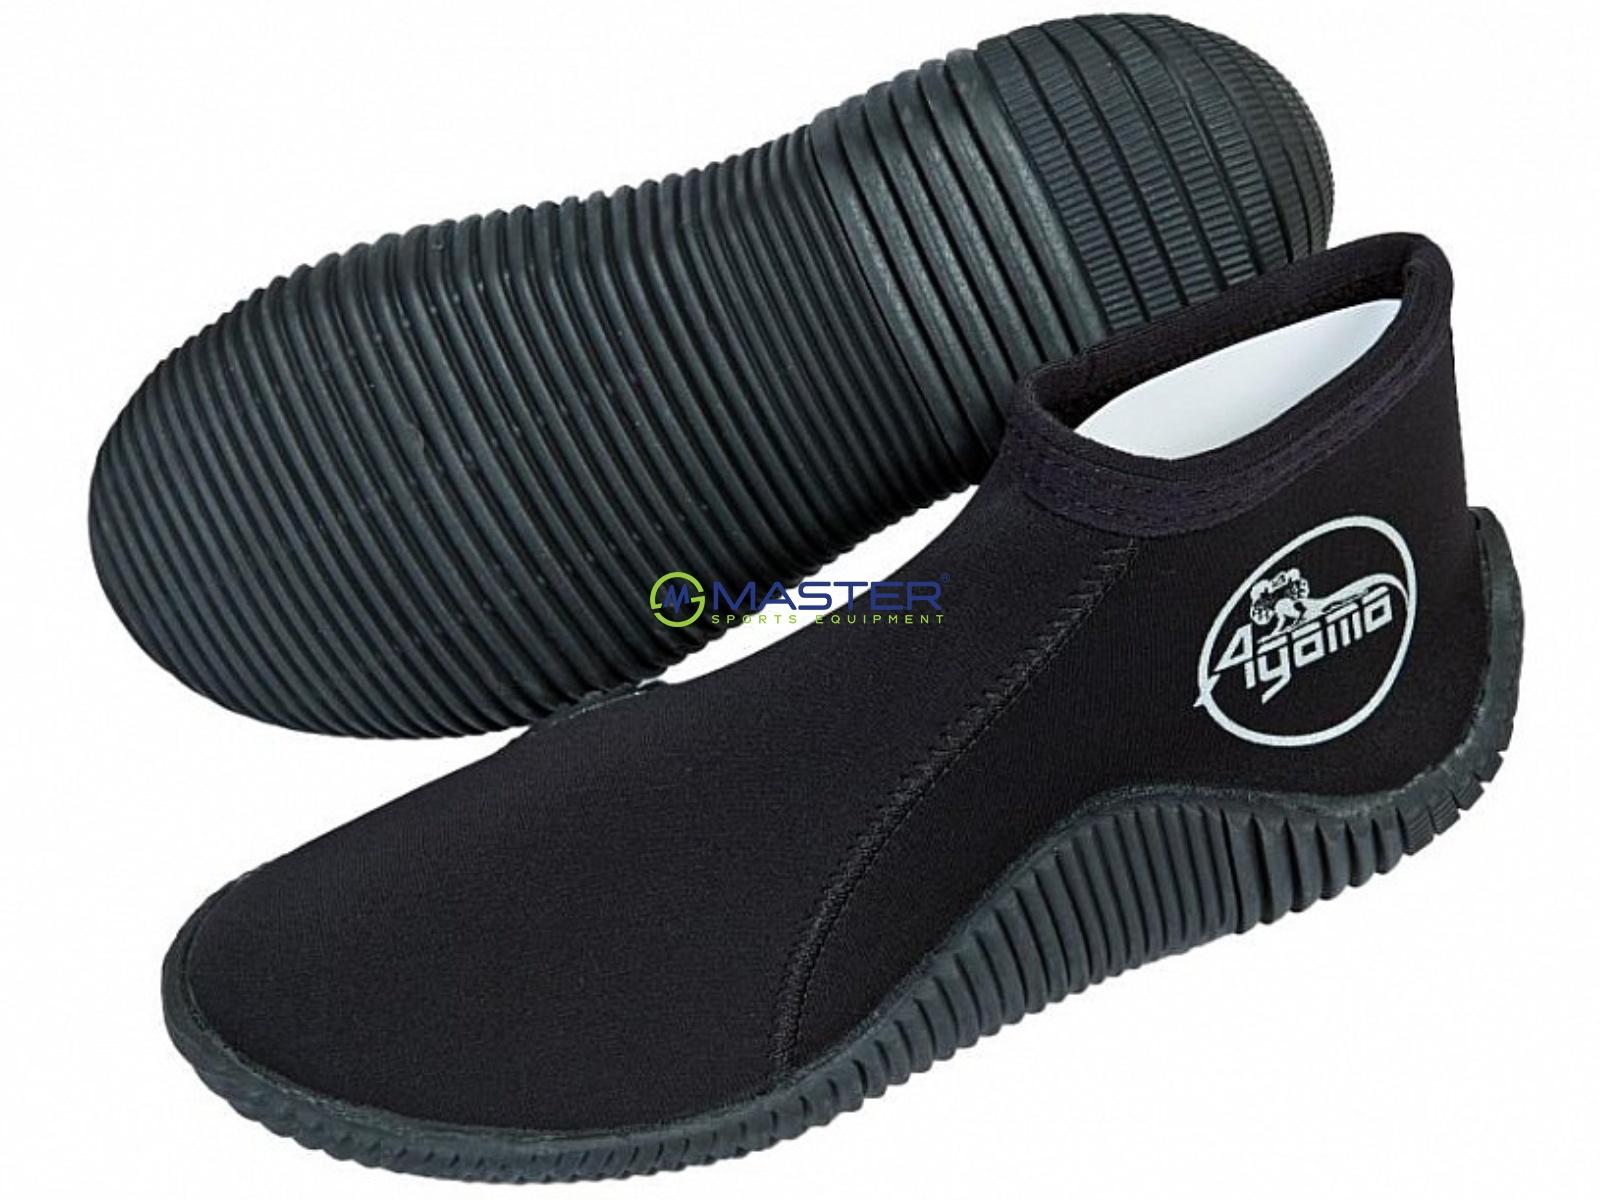 Neoprénové topánky AGAMA Rock 3 3dc46c75c18